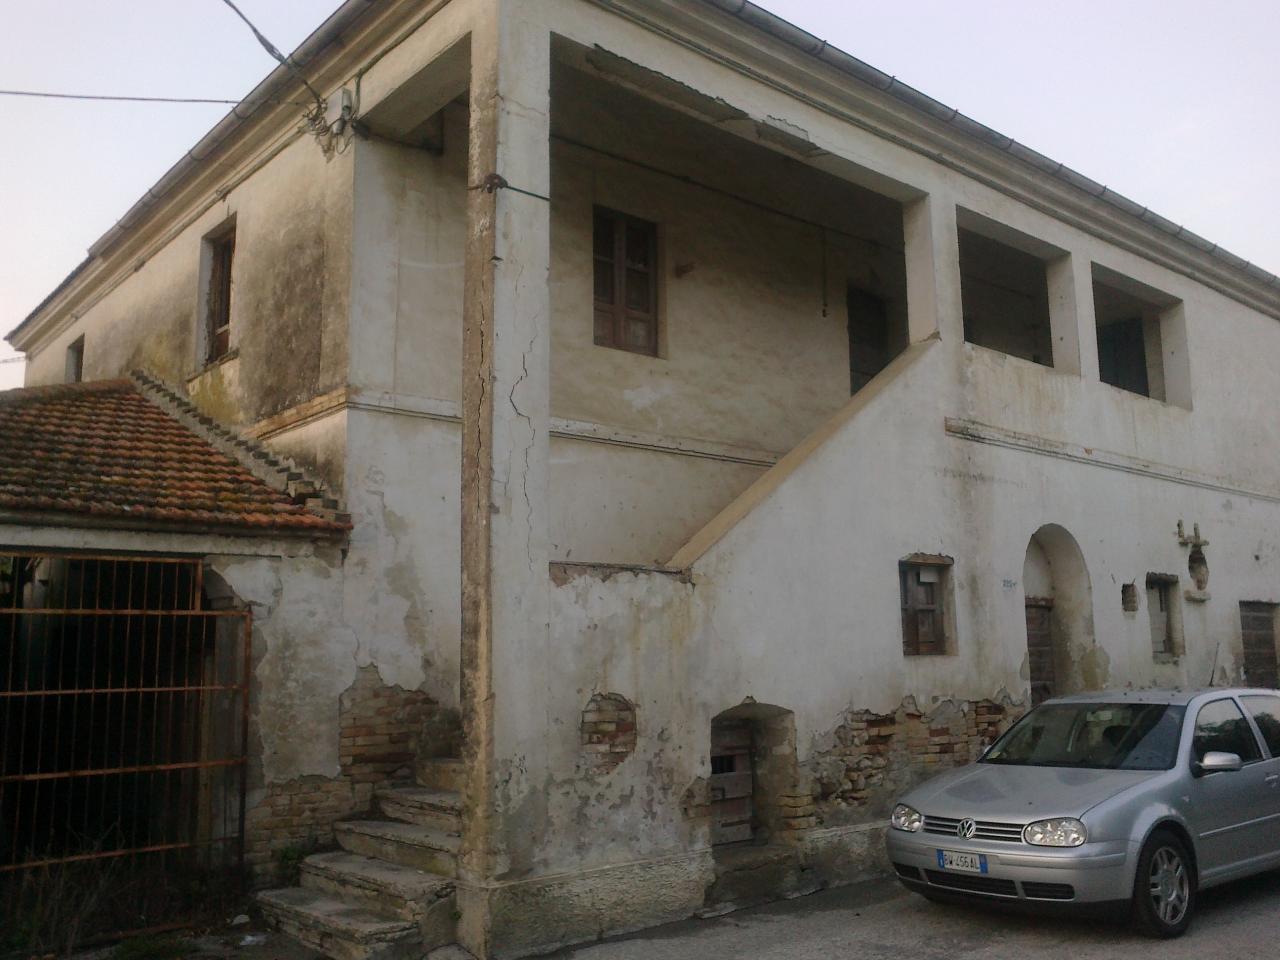 Rustico / Casale in vendita a Giulianova, 8 locali, prezzo € 70.000 | Cambio Casa.it